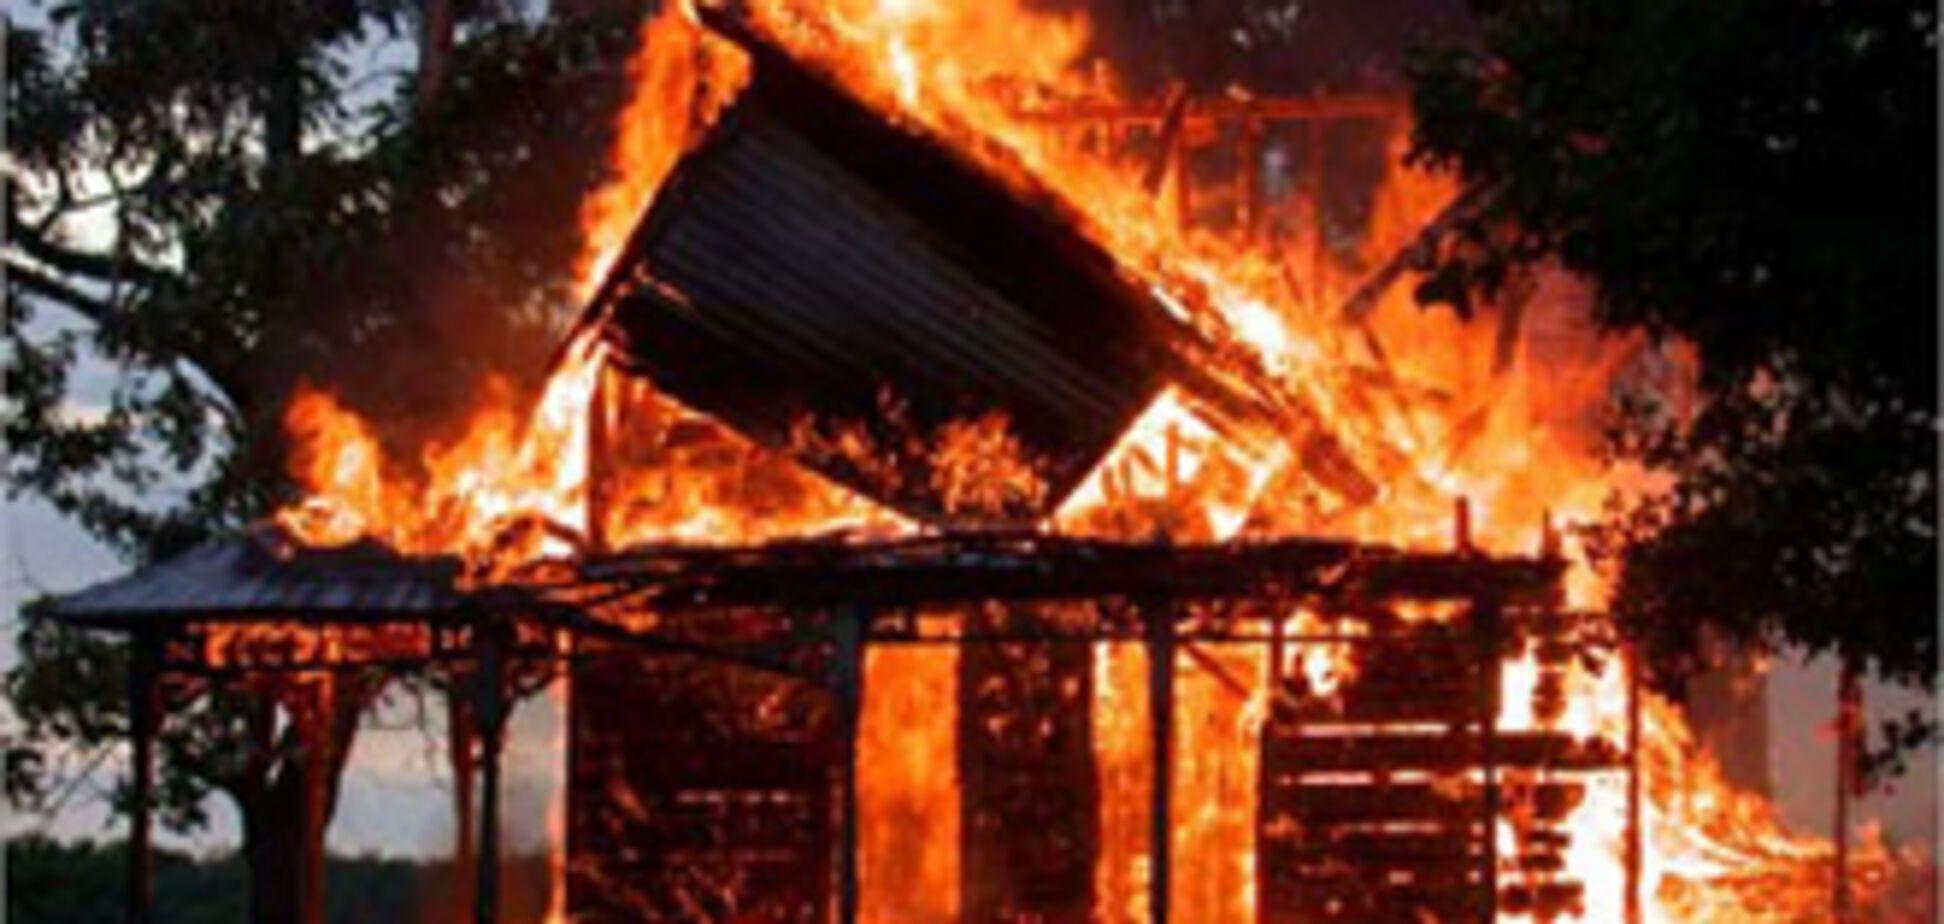 Дві людини загинули при пожежі, викликаним сигаретами